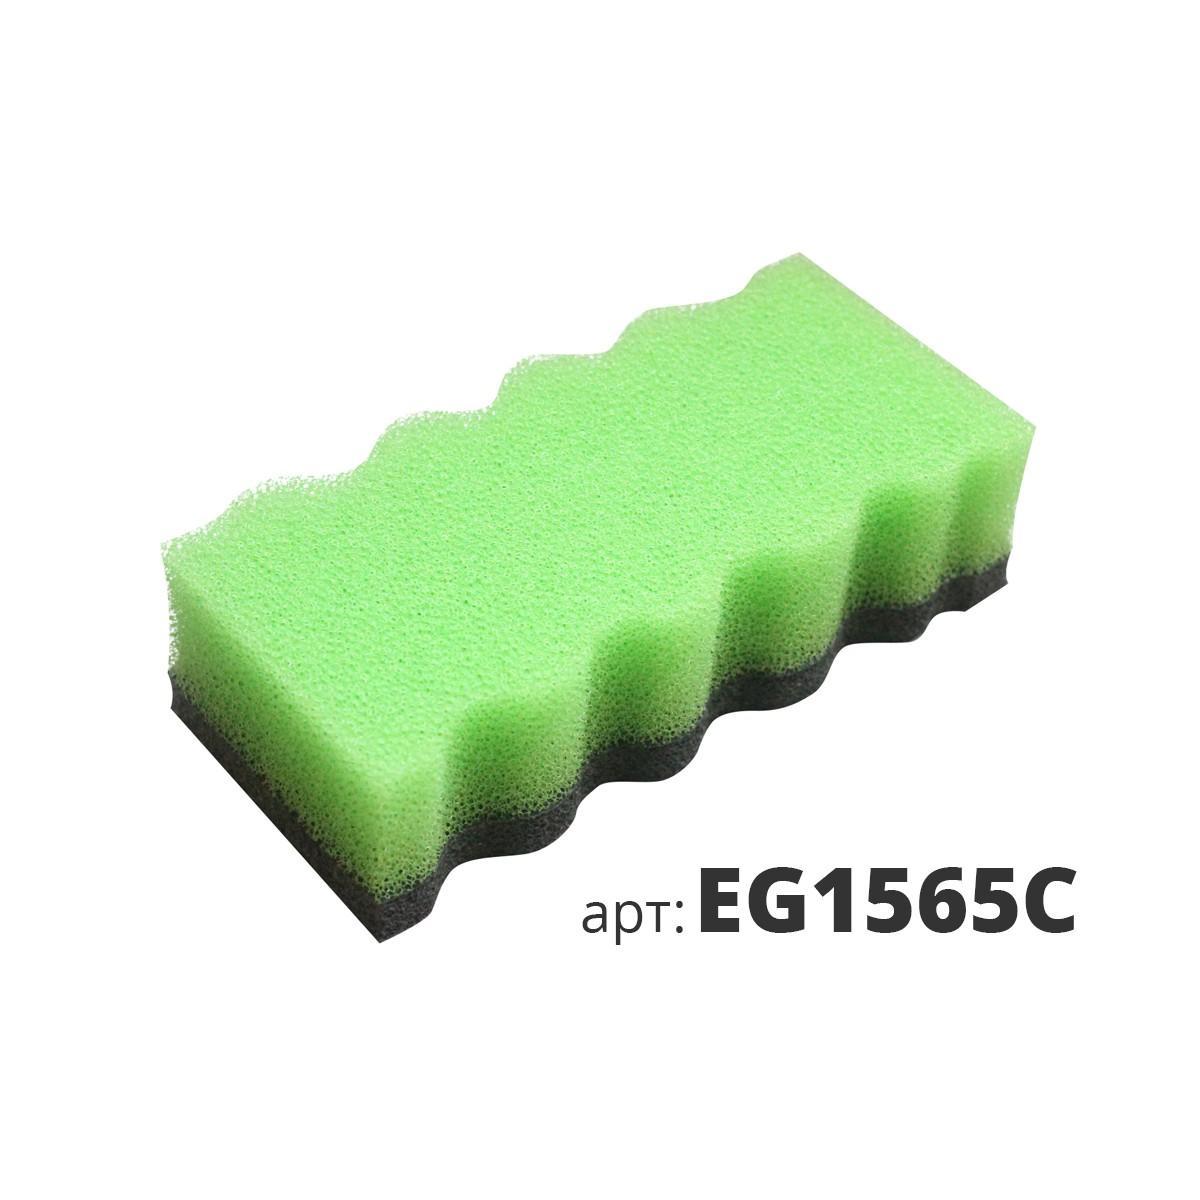 Малая декоративная среднепористая поролоновая губка EG1565C